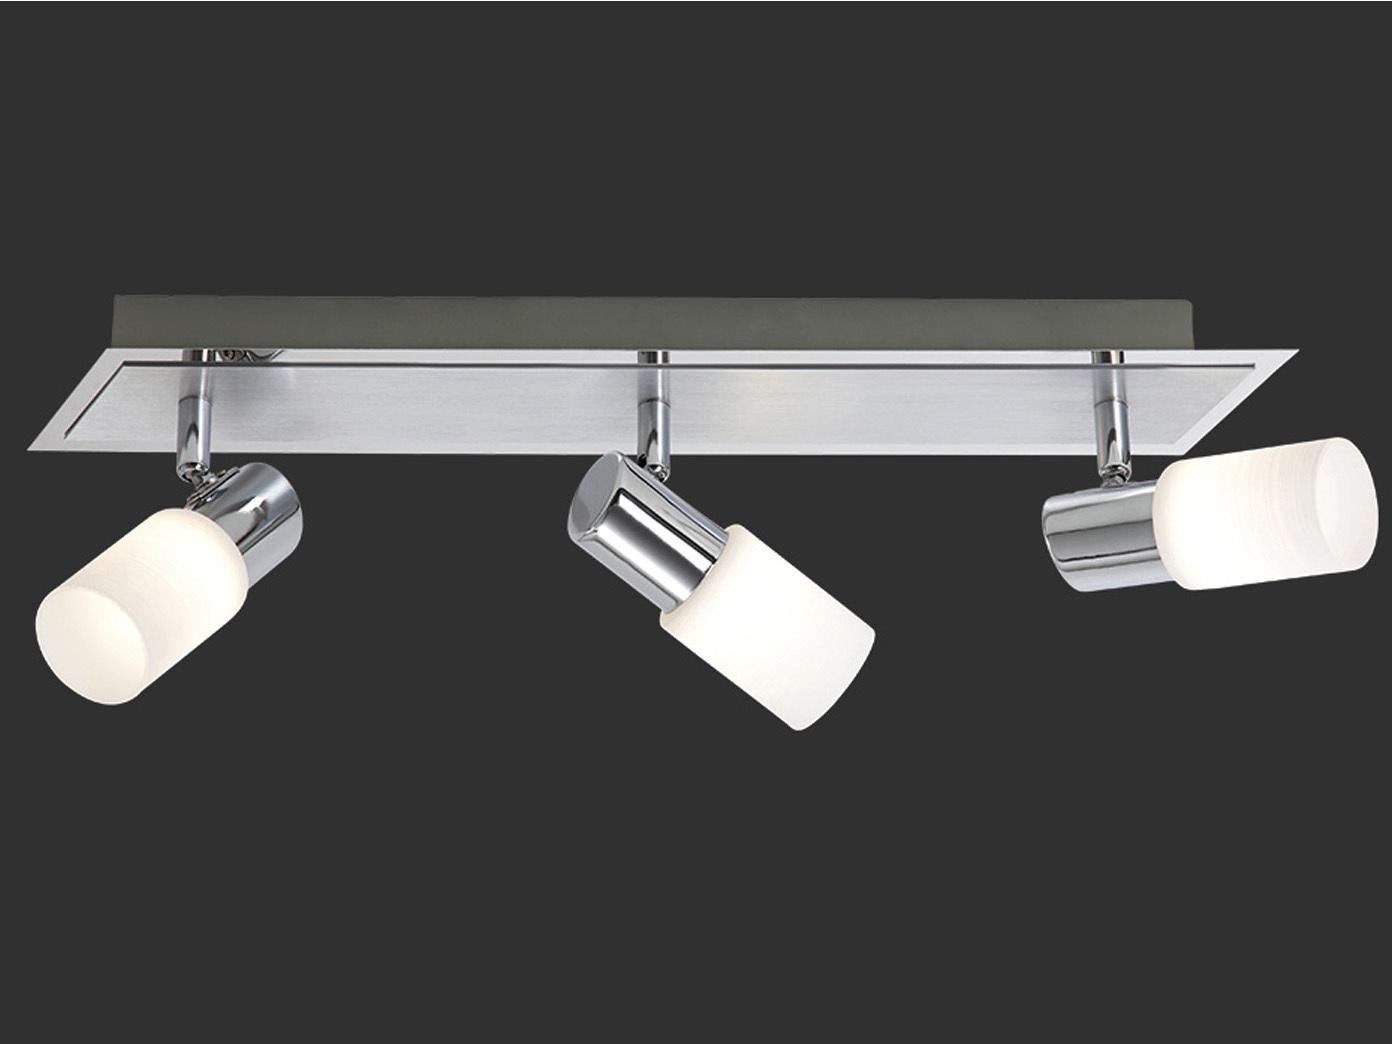 Alu gebürstet 3 x 4,5W Glas weiss gewischt 350Lm Trio LED-Balken